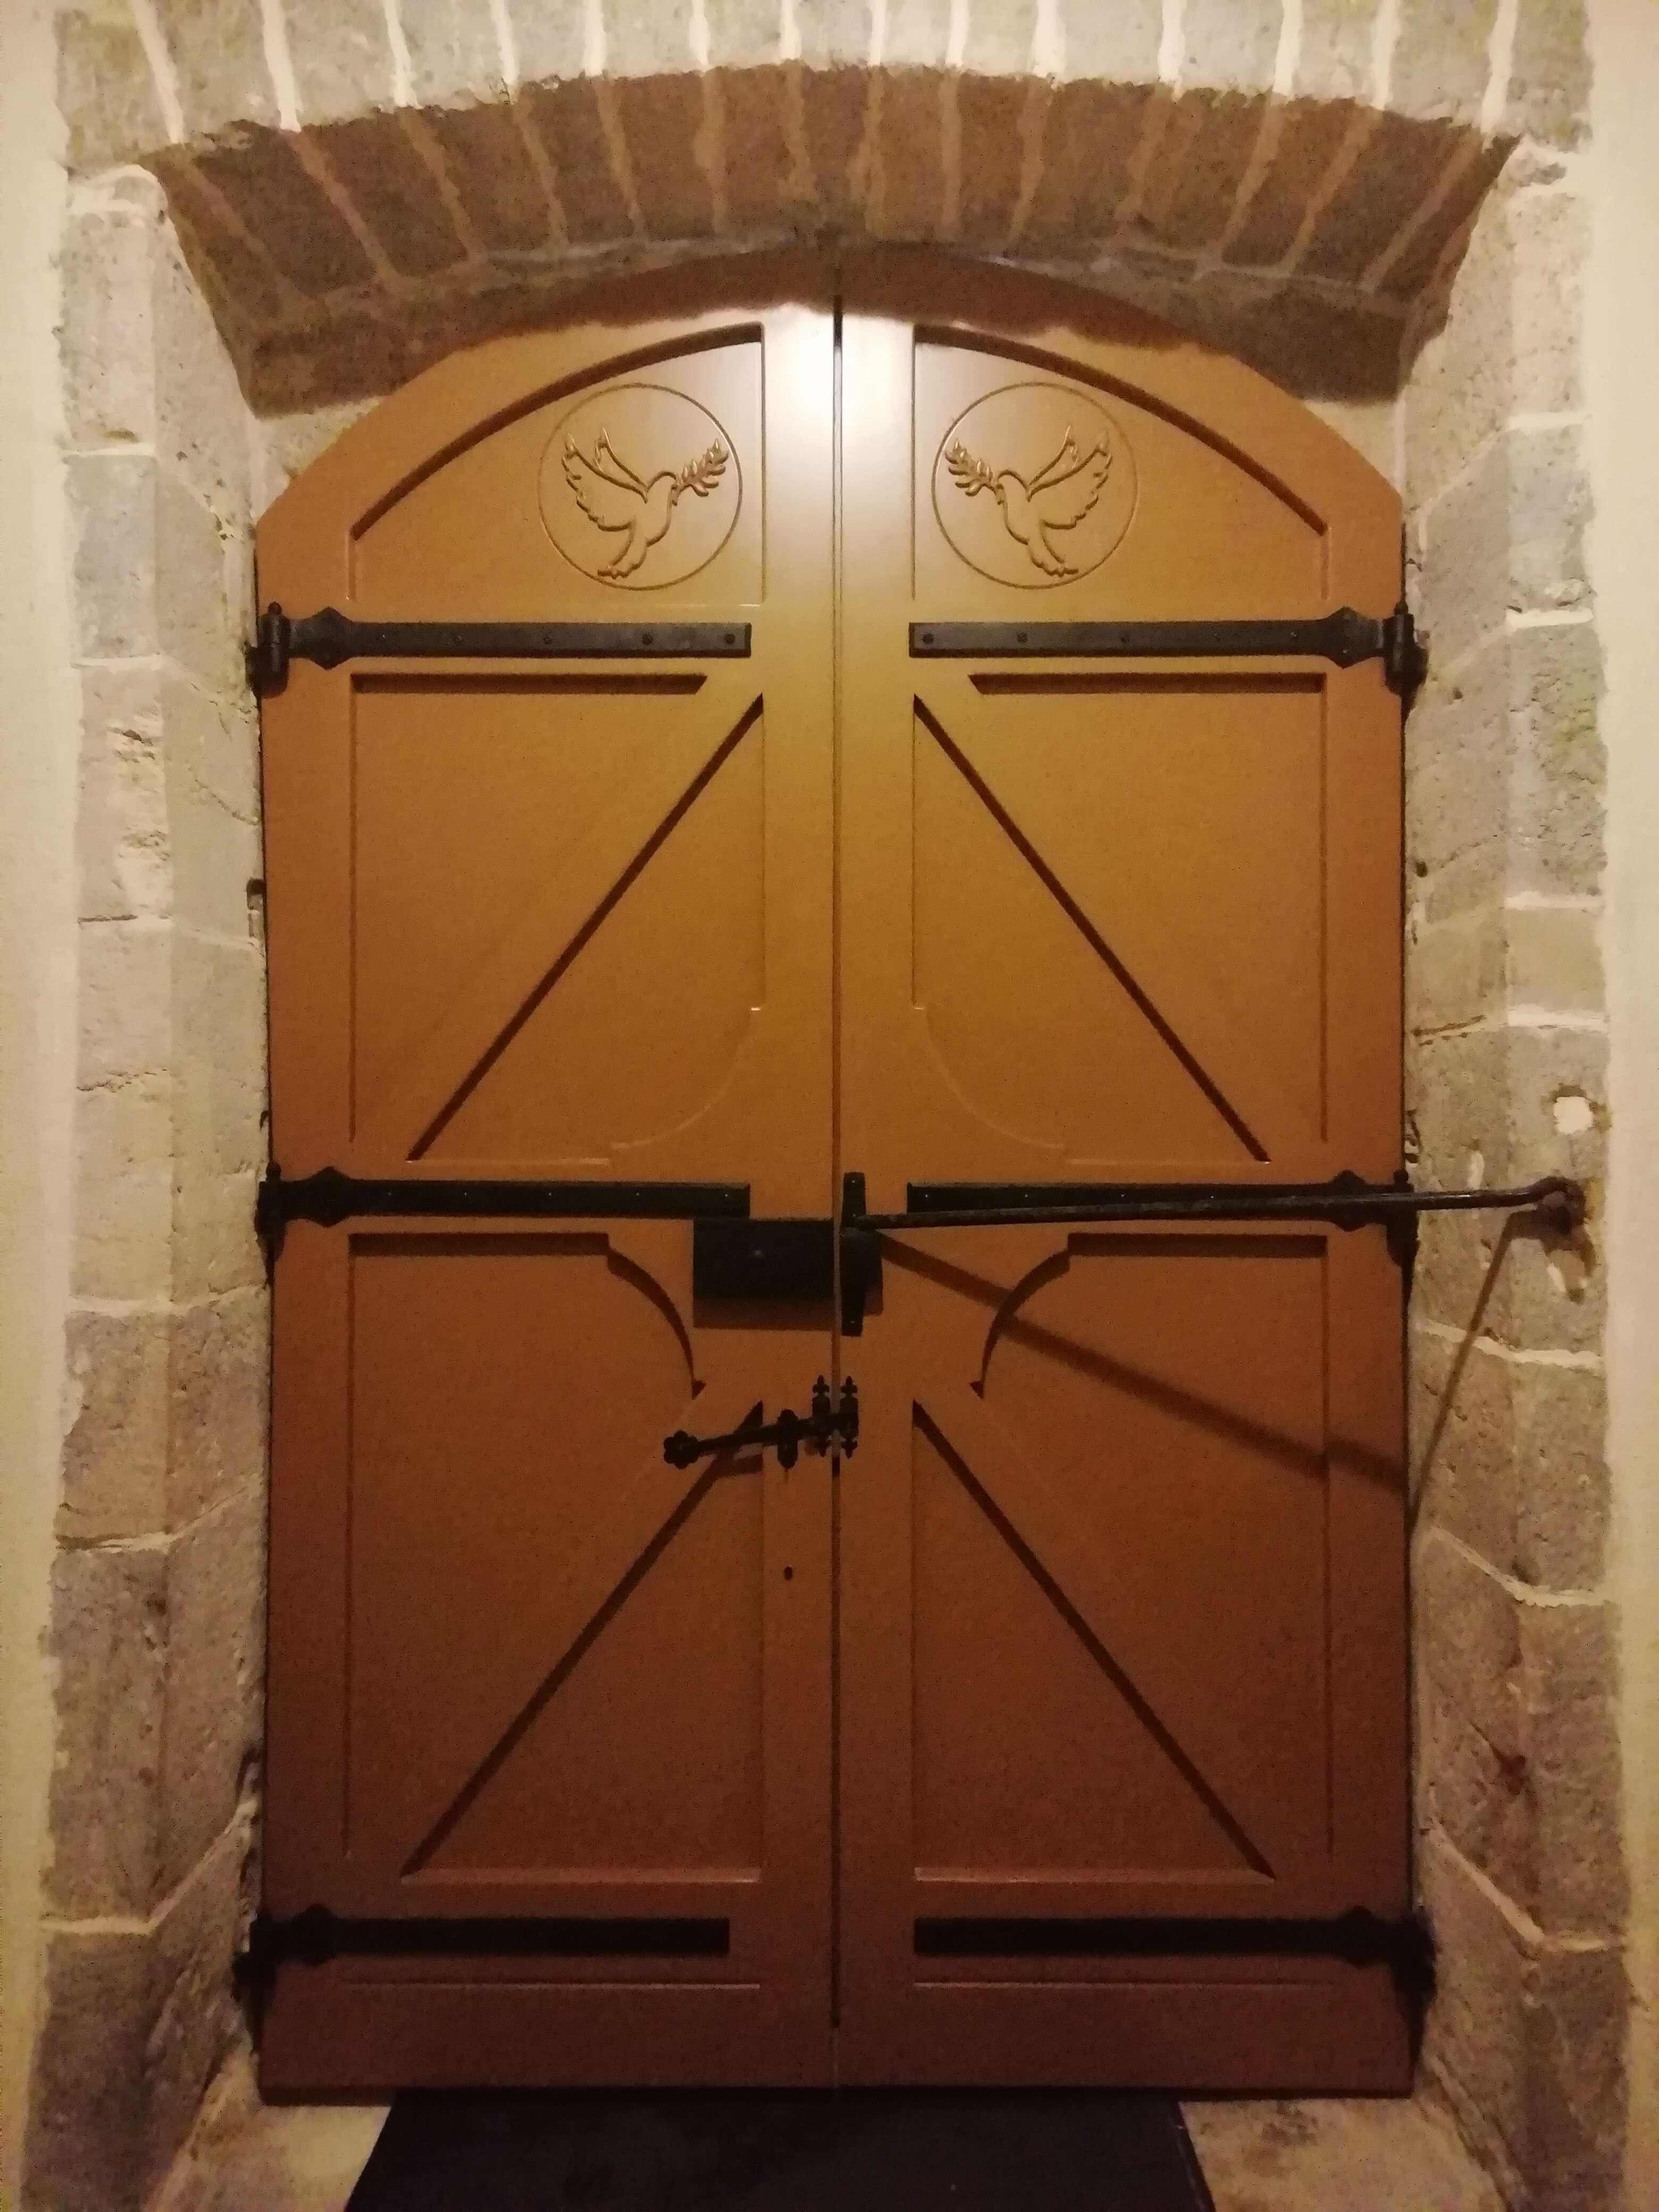 Menuiserie Figard - Fabrication sur mesure - Porte d'entrée - Bois peint- Vesoul